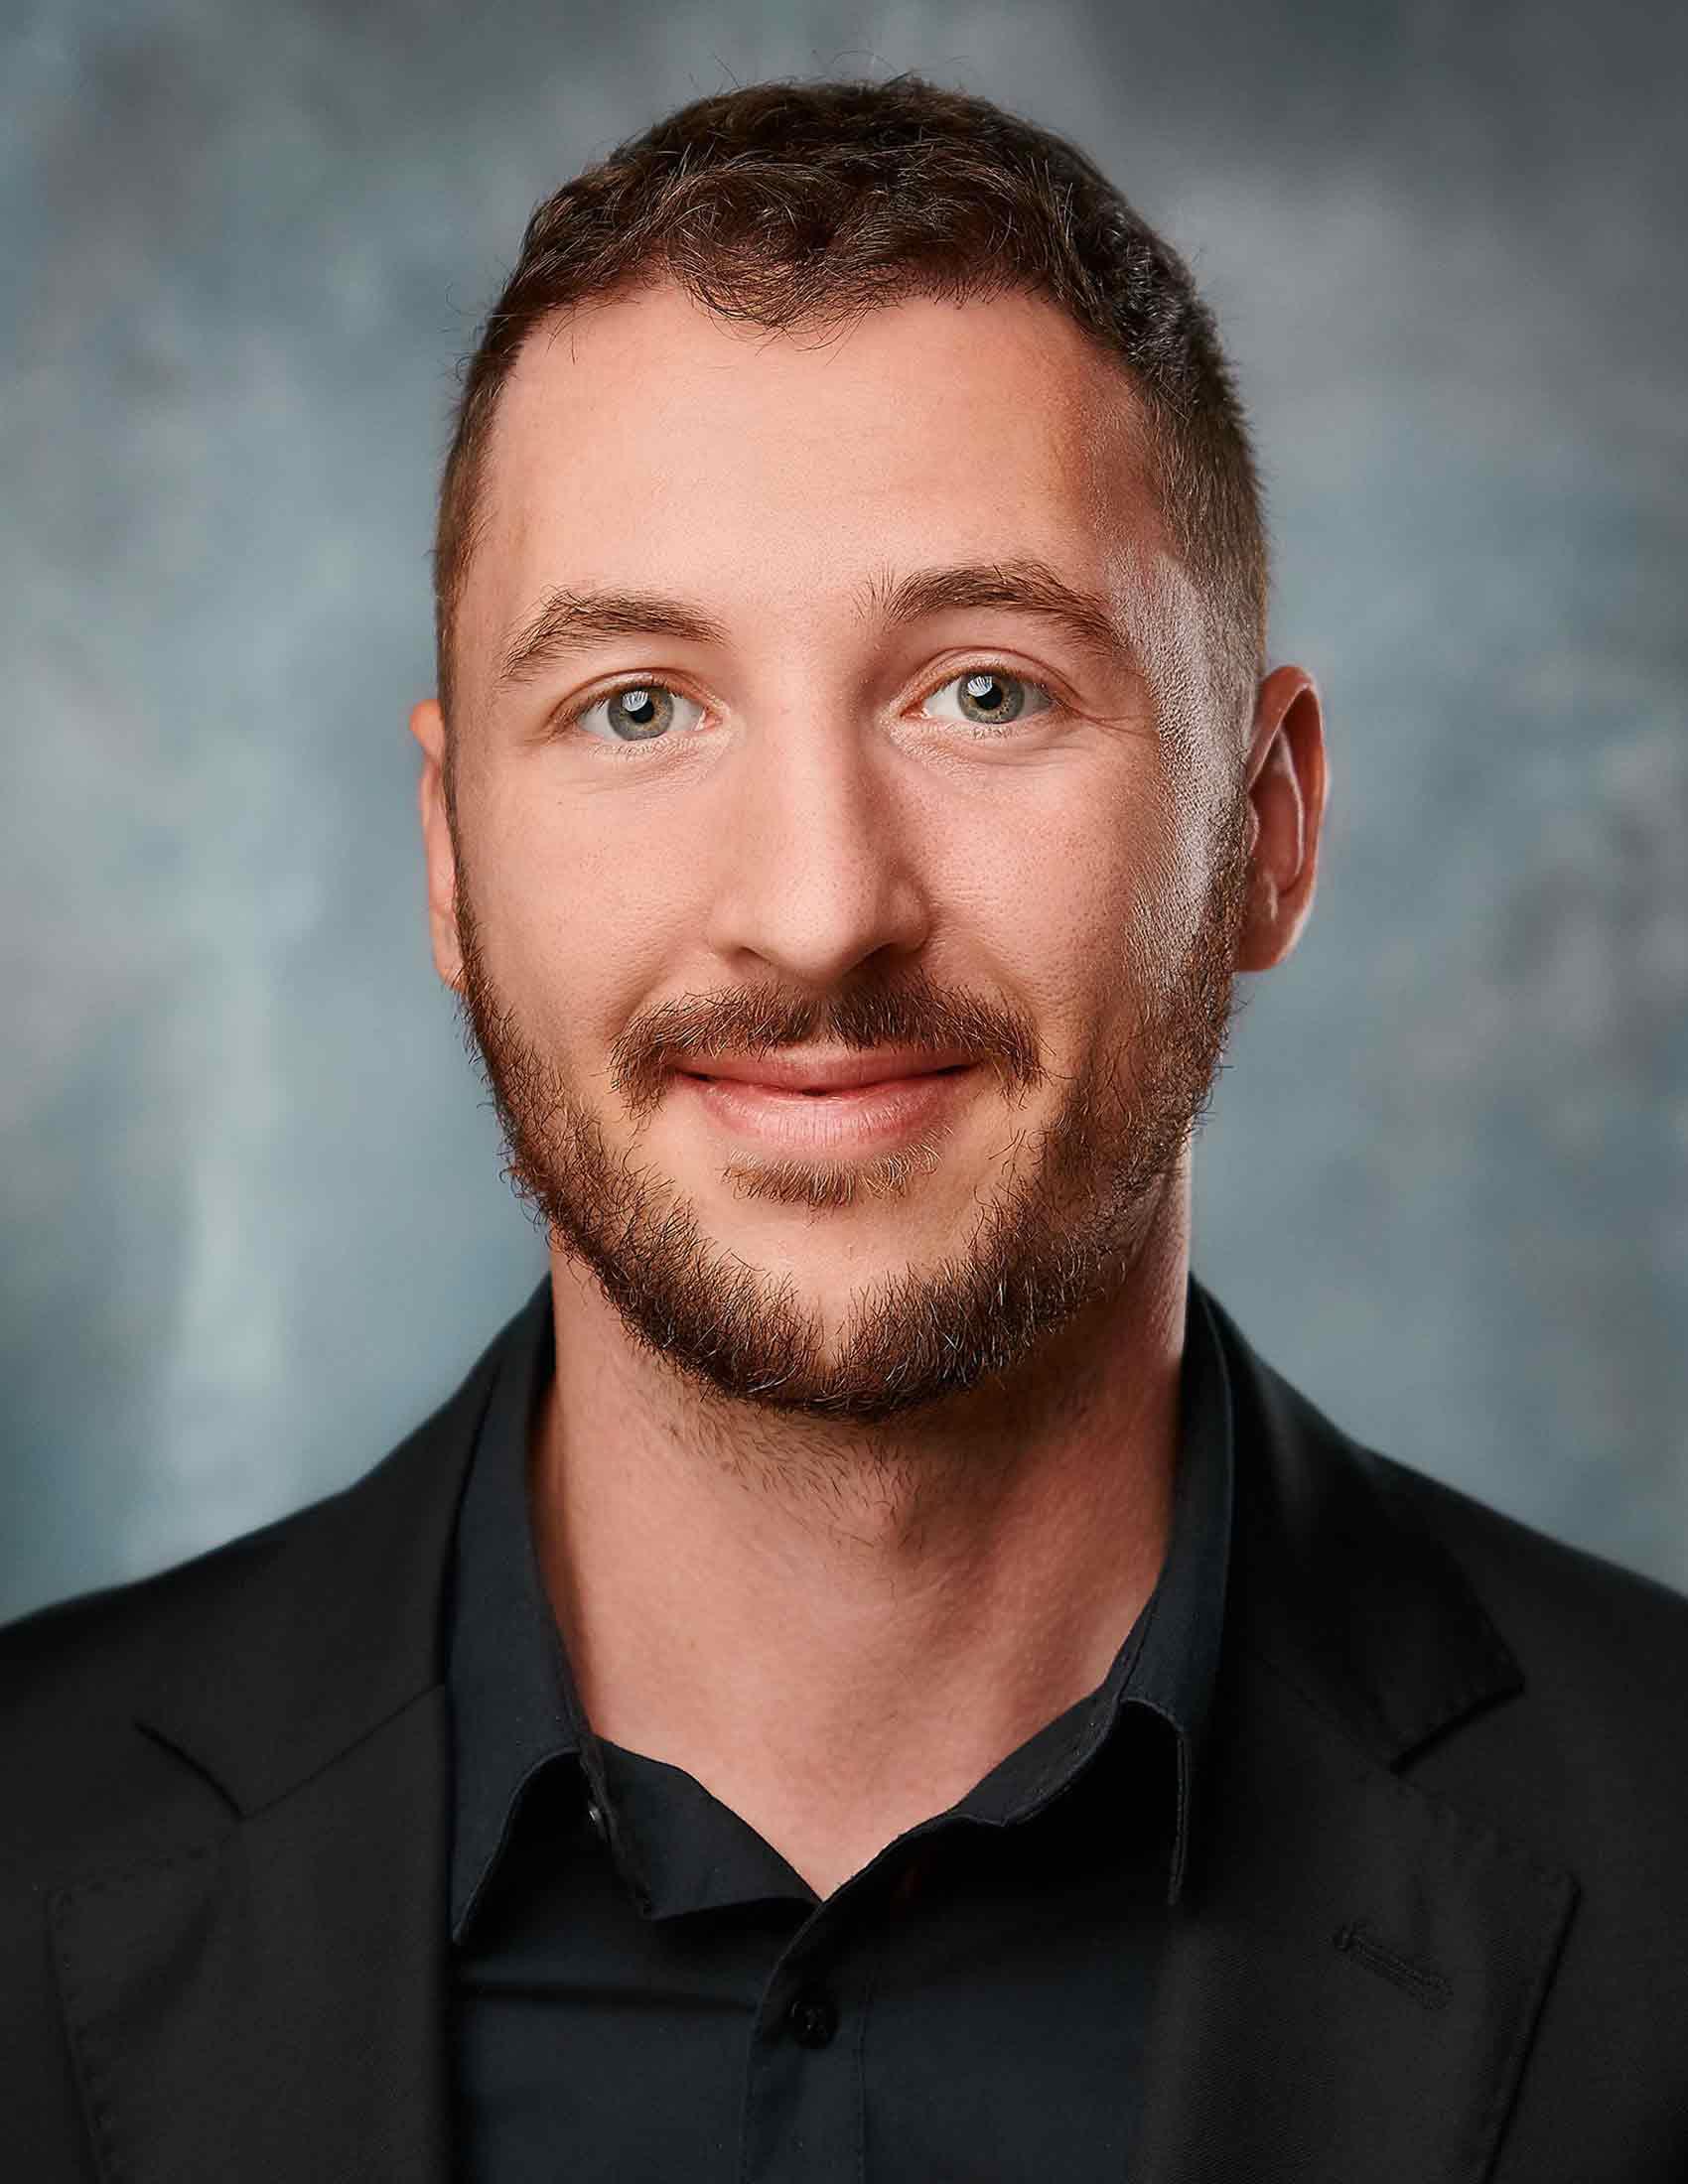 Robin Peschka